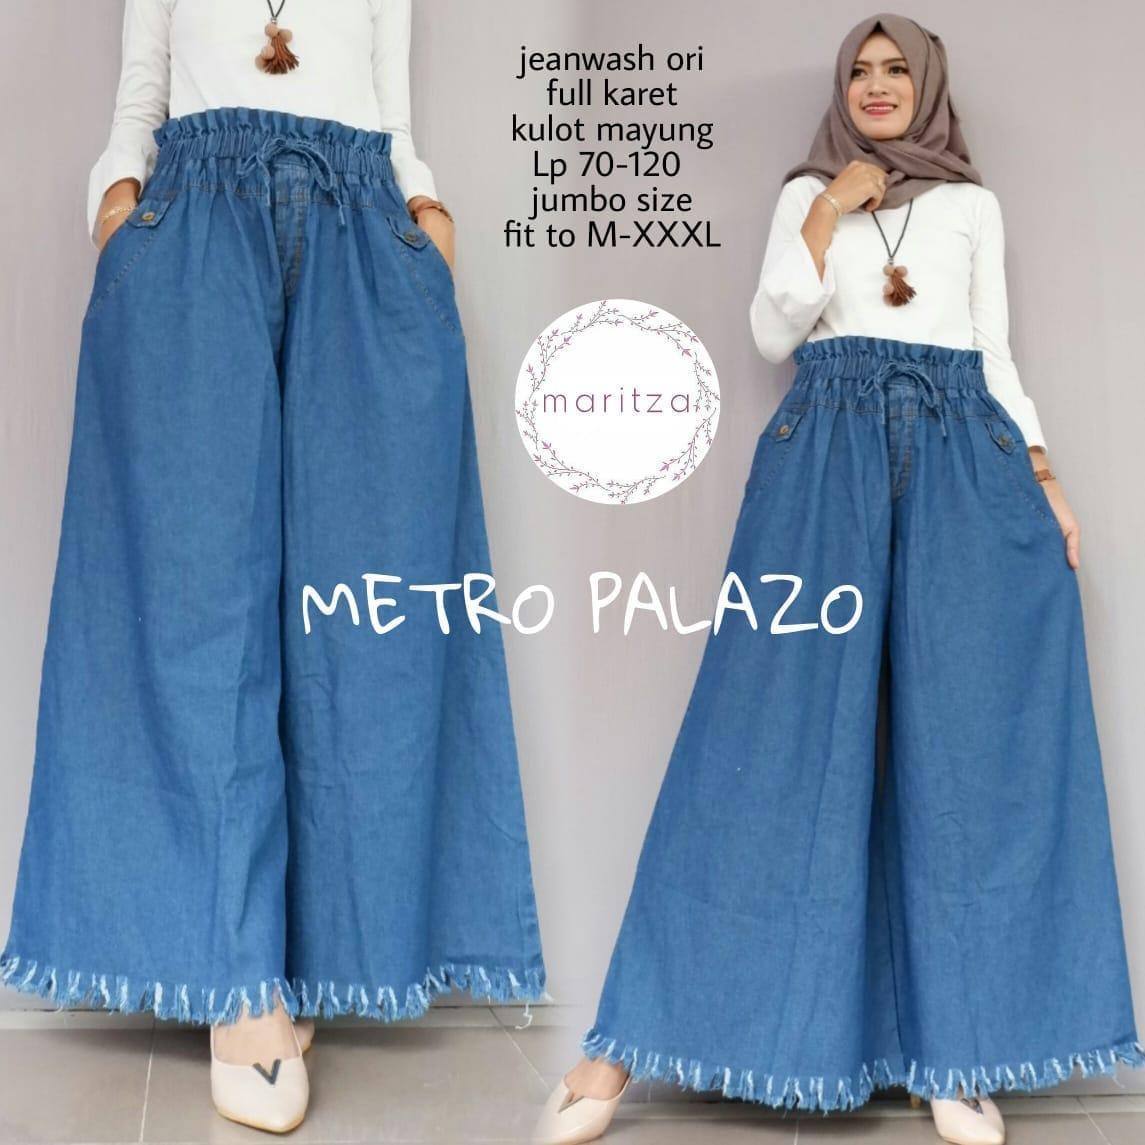 Metro Palazo - Kulot Jeans Jumbo - Celana Jumbo - Bawahan Ukuran Besar  Wanita dfc7a3b719